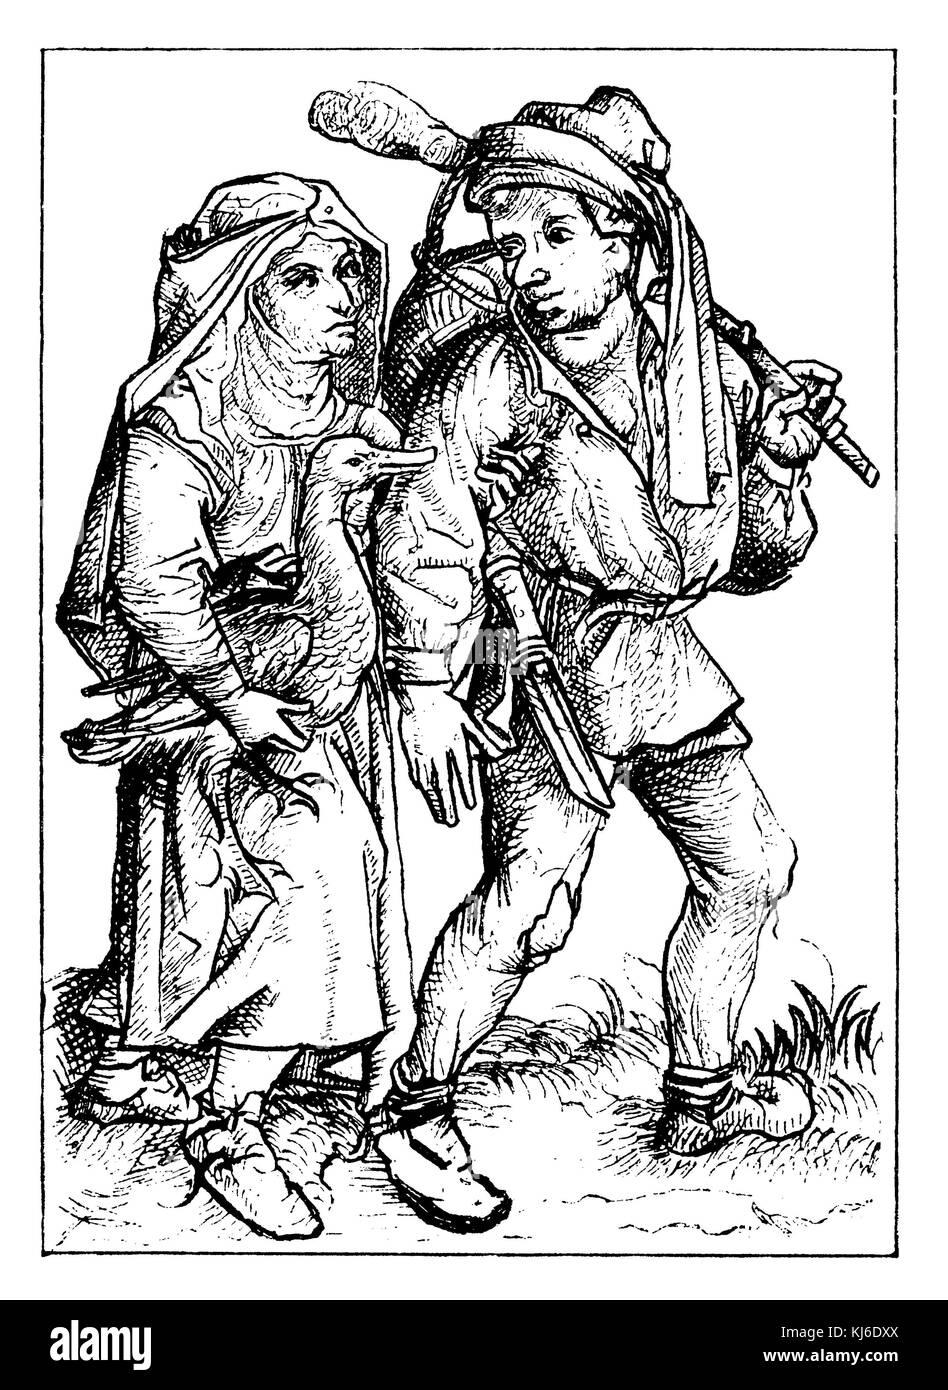 Die deutschen Landwirte im 15. Jahrhundert (Bauern im 15. Jahrhundert) Stockbild